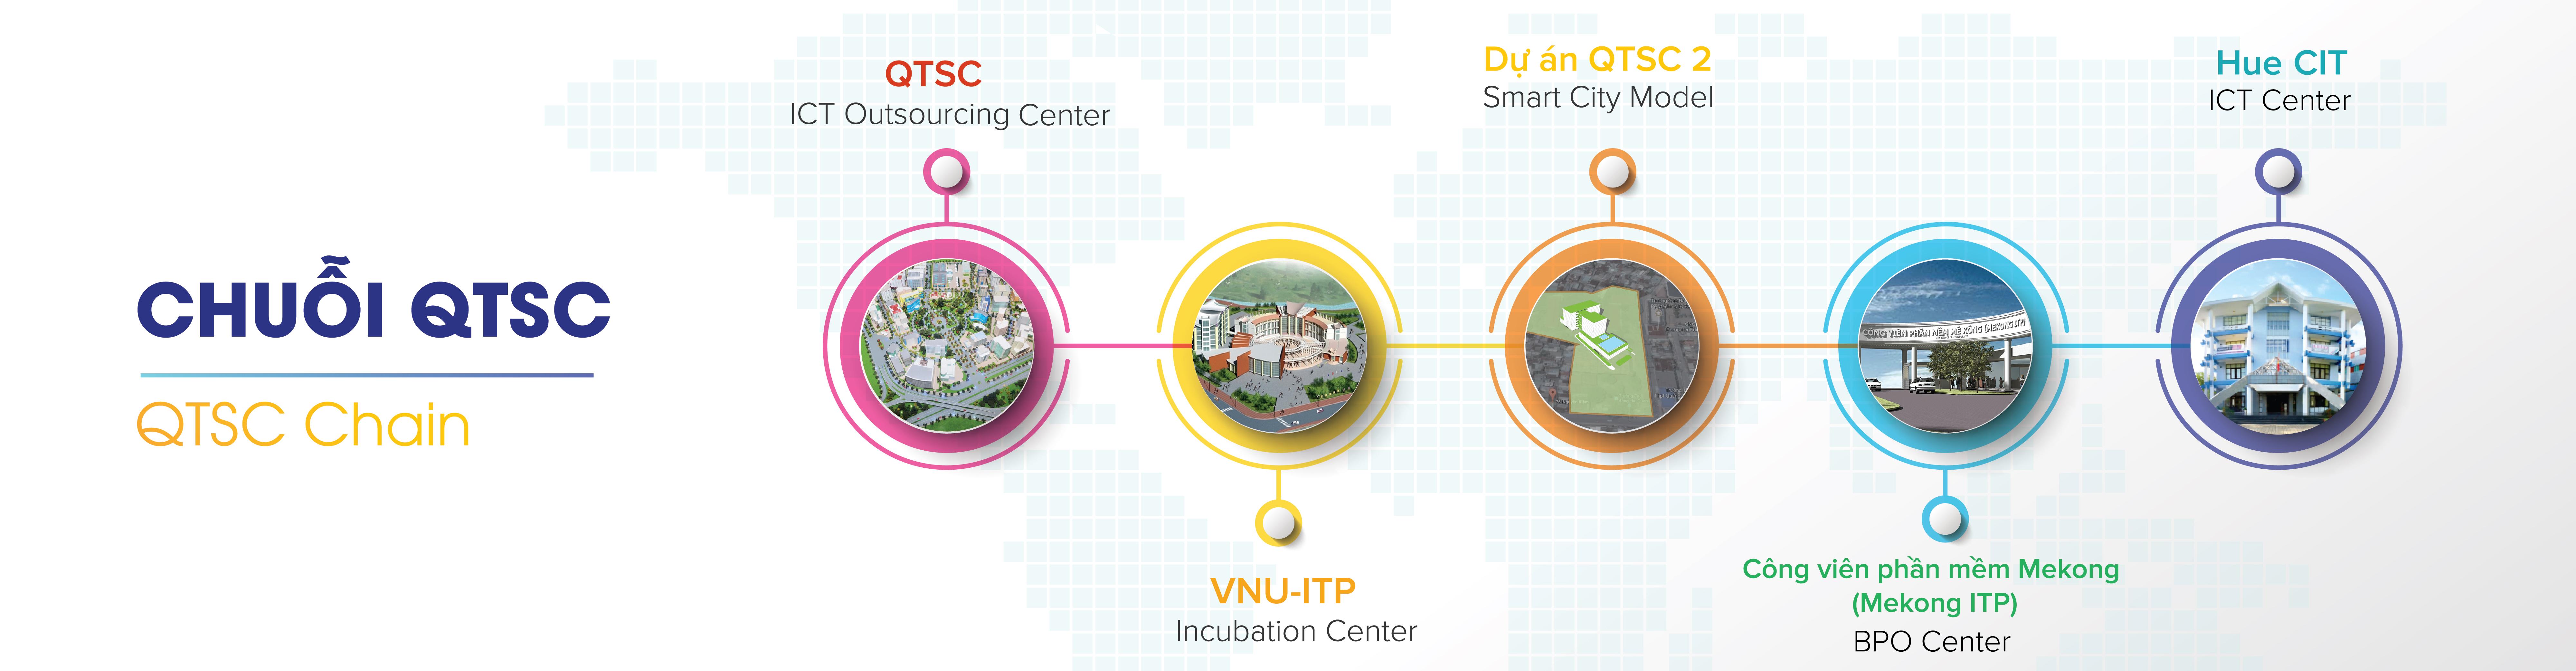 Các cấu phần trong Chuỗi Công viên phần mềm Quang Trung   Ảnh: QTSC